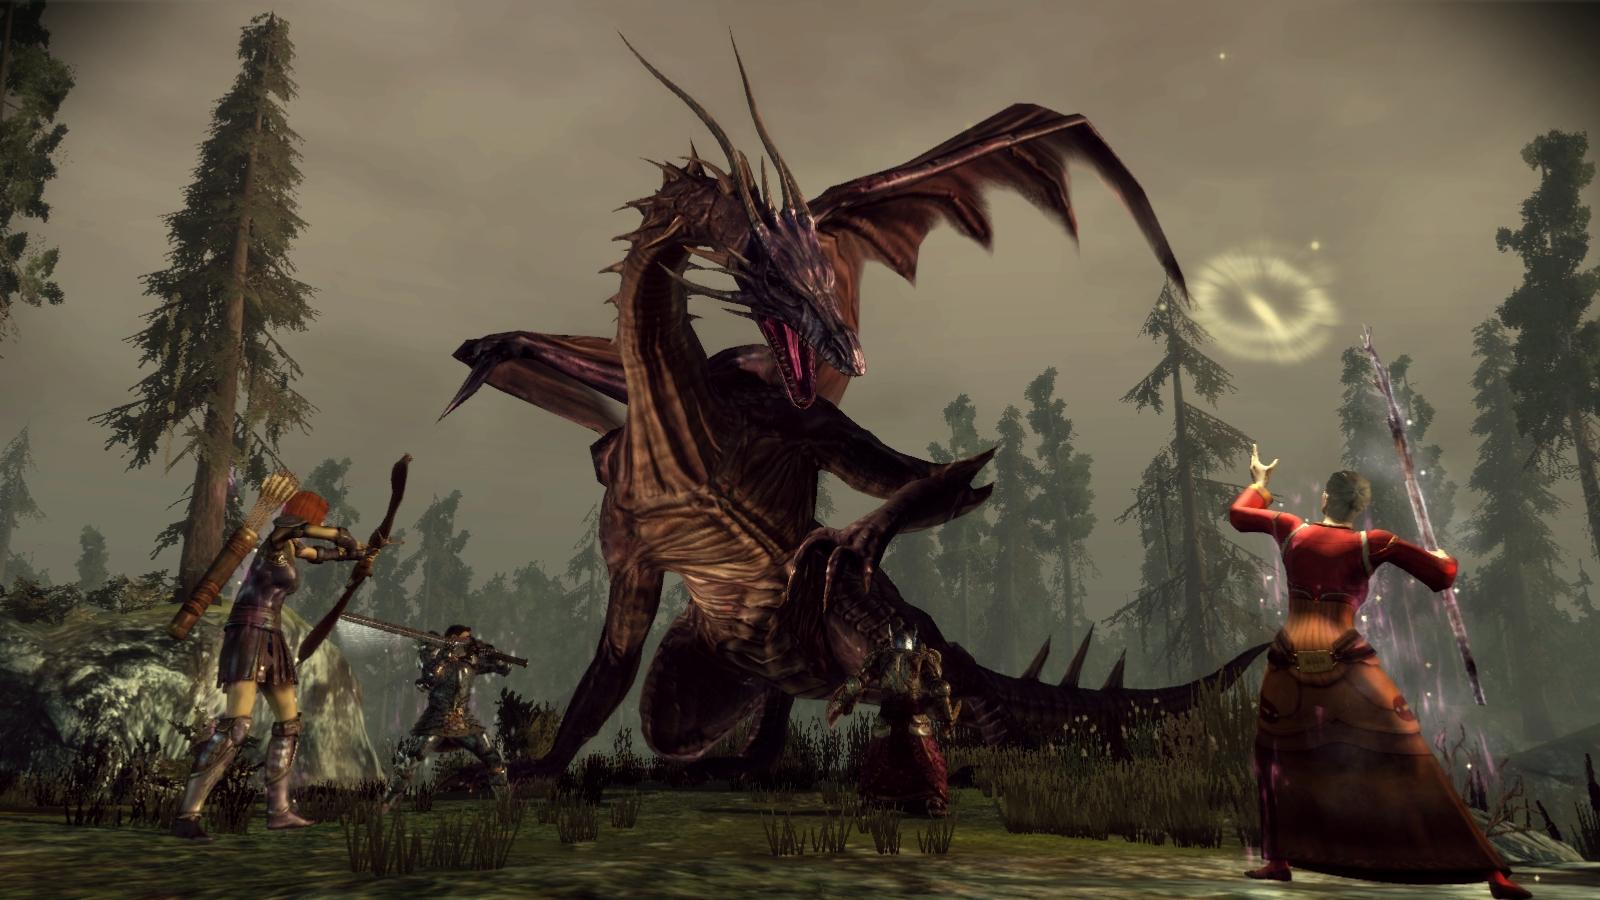 Une petite partie de Dragon Age : Origins en réalité virtuelle ? Ça n'intéresse personne ?